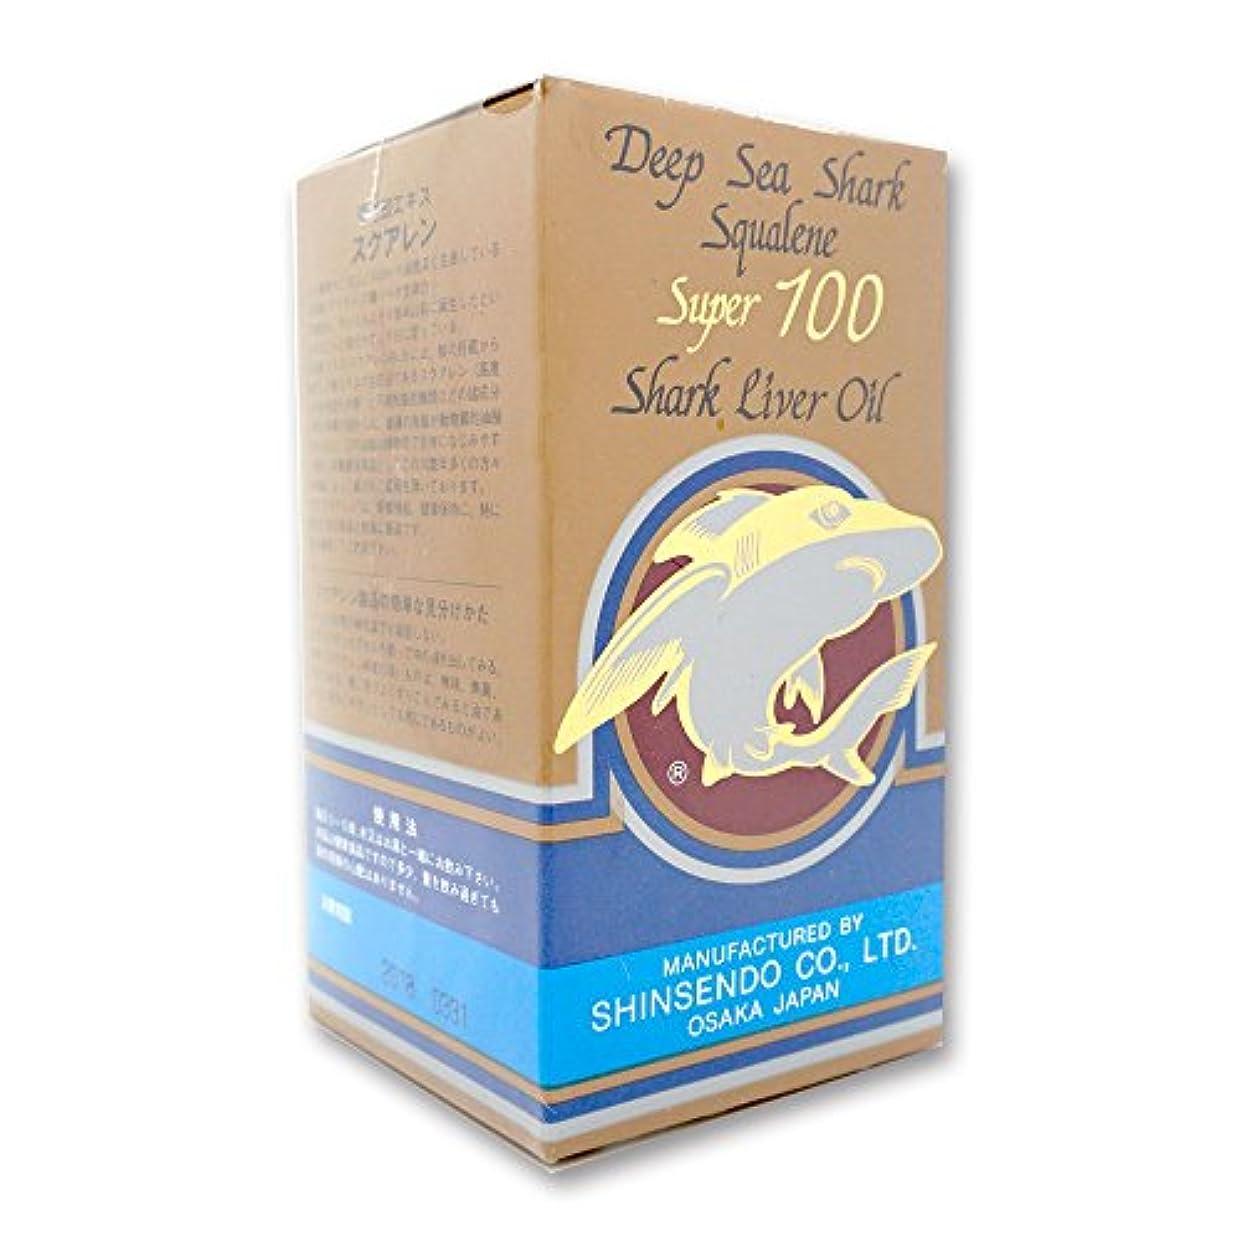 コンテンポラリー影響を受けやすいです標準神仙堂 深海鮫 スクワレン スーパー100 330球